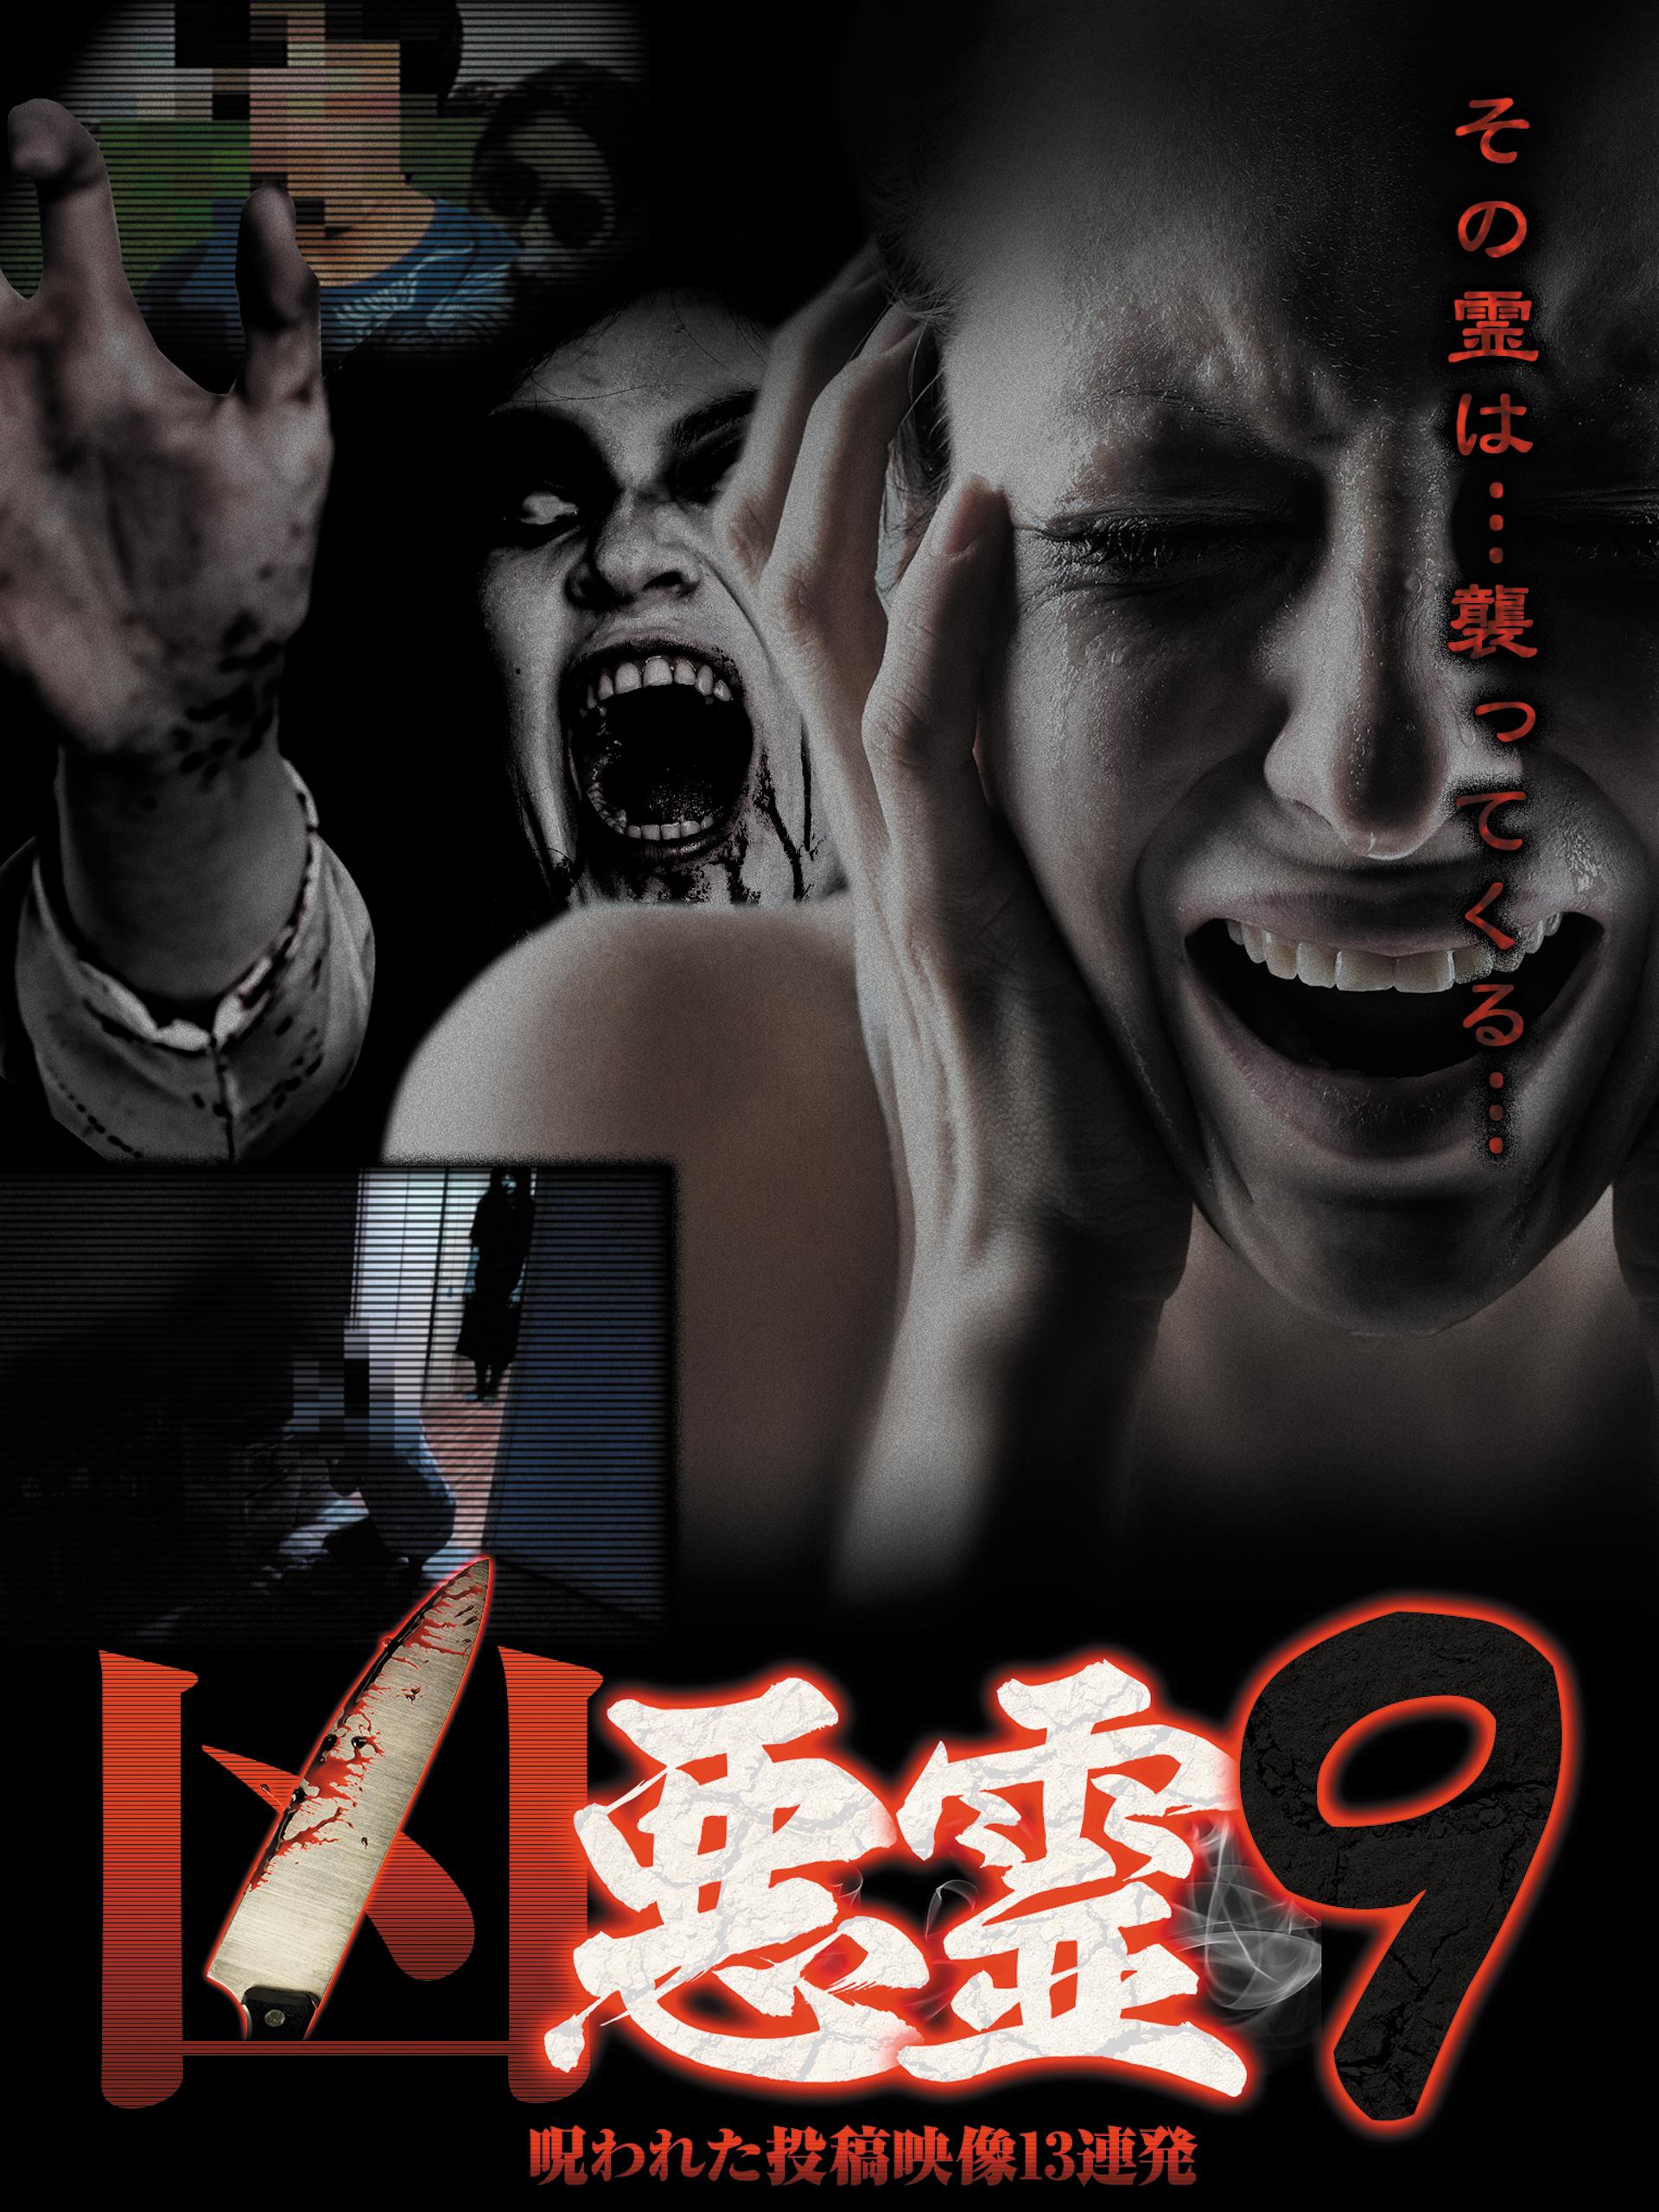 凶悪霊 13本の呪われた投稿映像 Vol.9